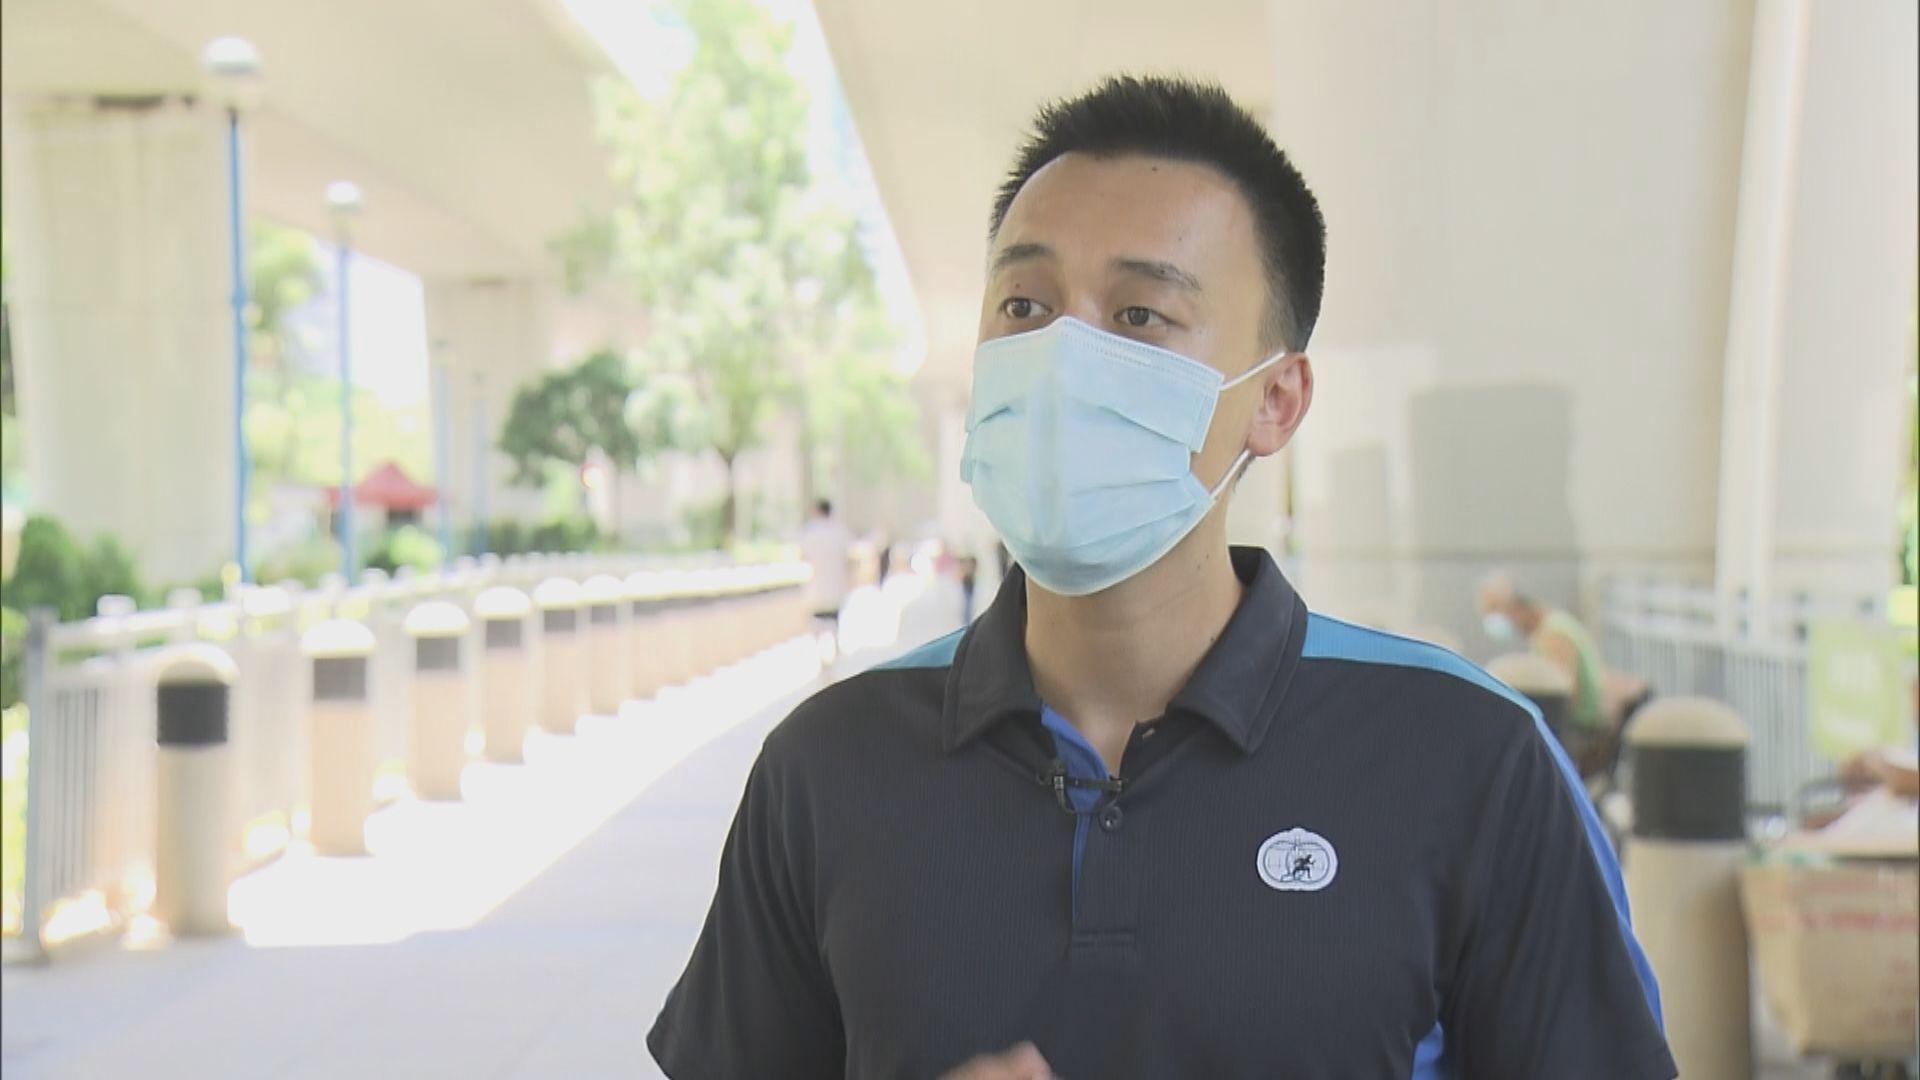 專家指戴口罩運動猶如高原訓練 應減訓練量免誘心血管病